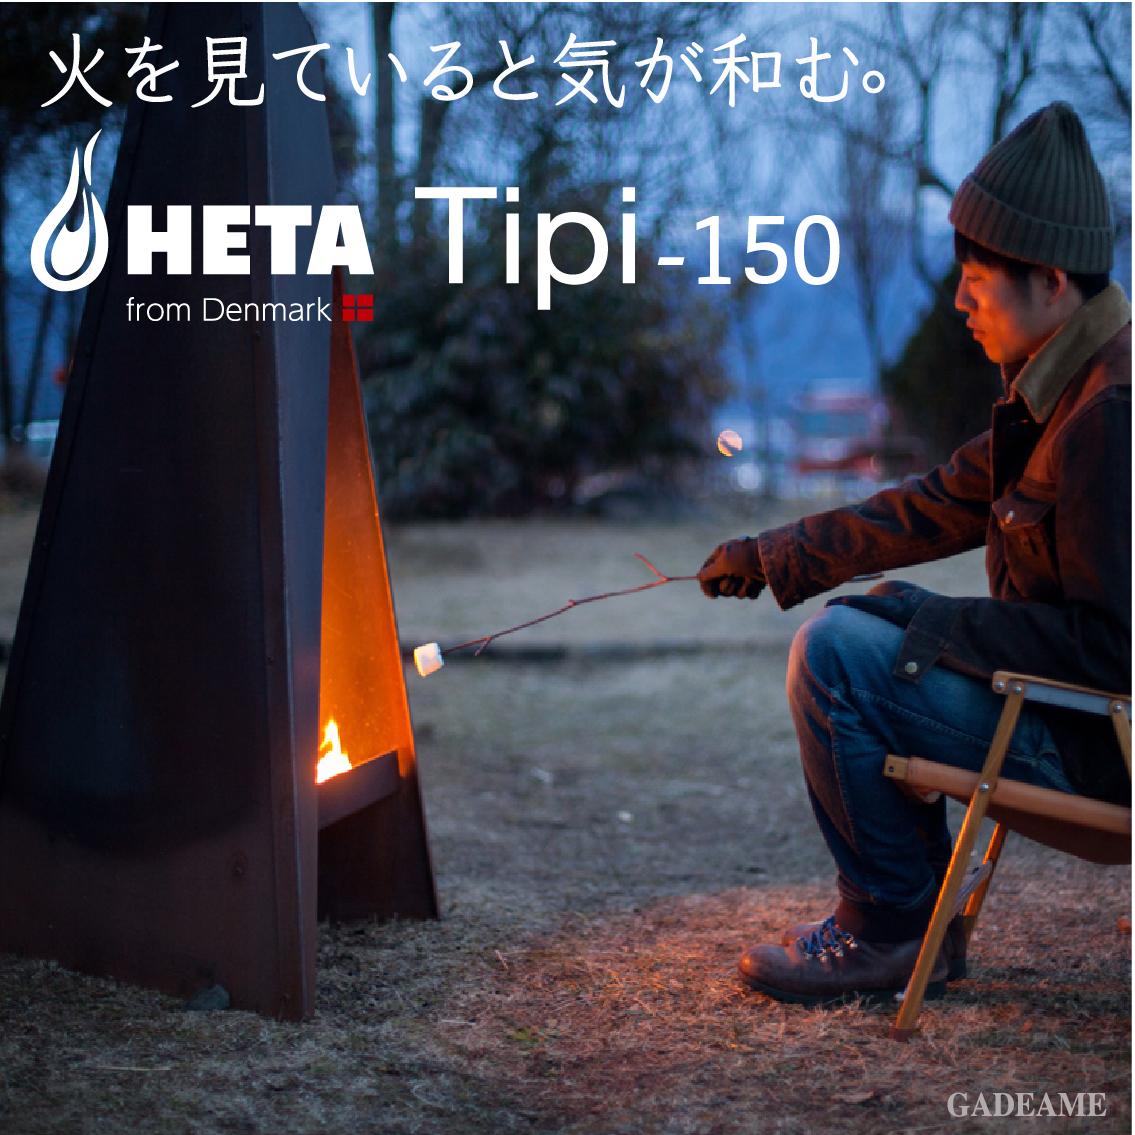 ヒタ Tipi 150 品番:81040 アウトドアファイヤープレース 屋外ストーブ 焚き火 デンマーク HETA ティピ ティピ150 庭あそび キャンプ アウトドア グランピング アウトドアクッキング キャンプファイヤー 焚火 焚き火 ファイヤーサイド